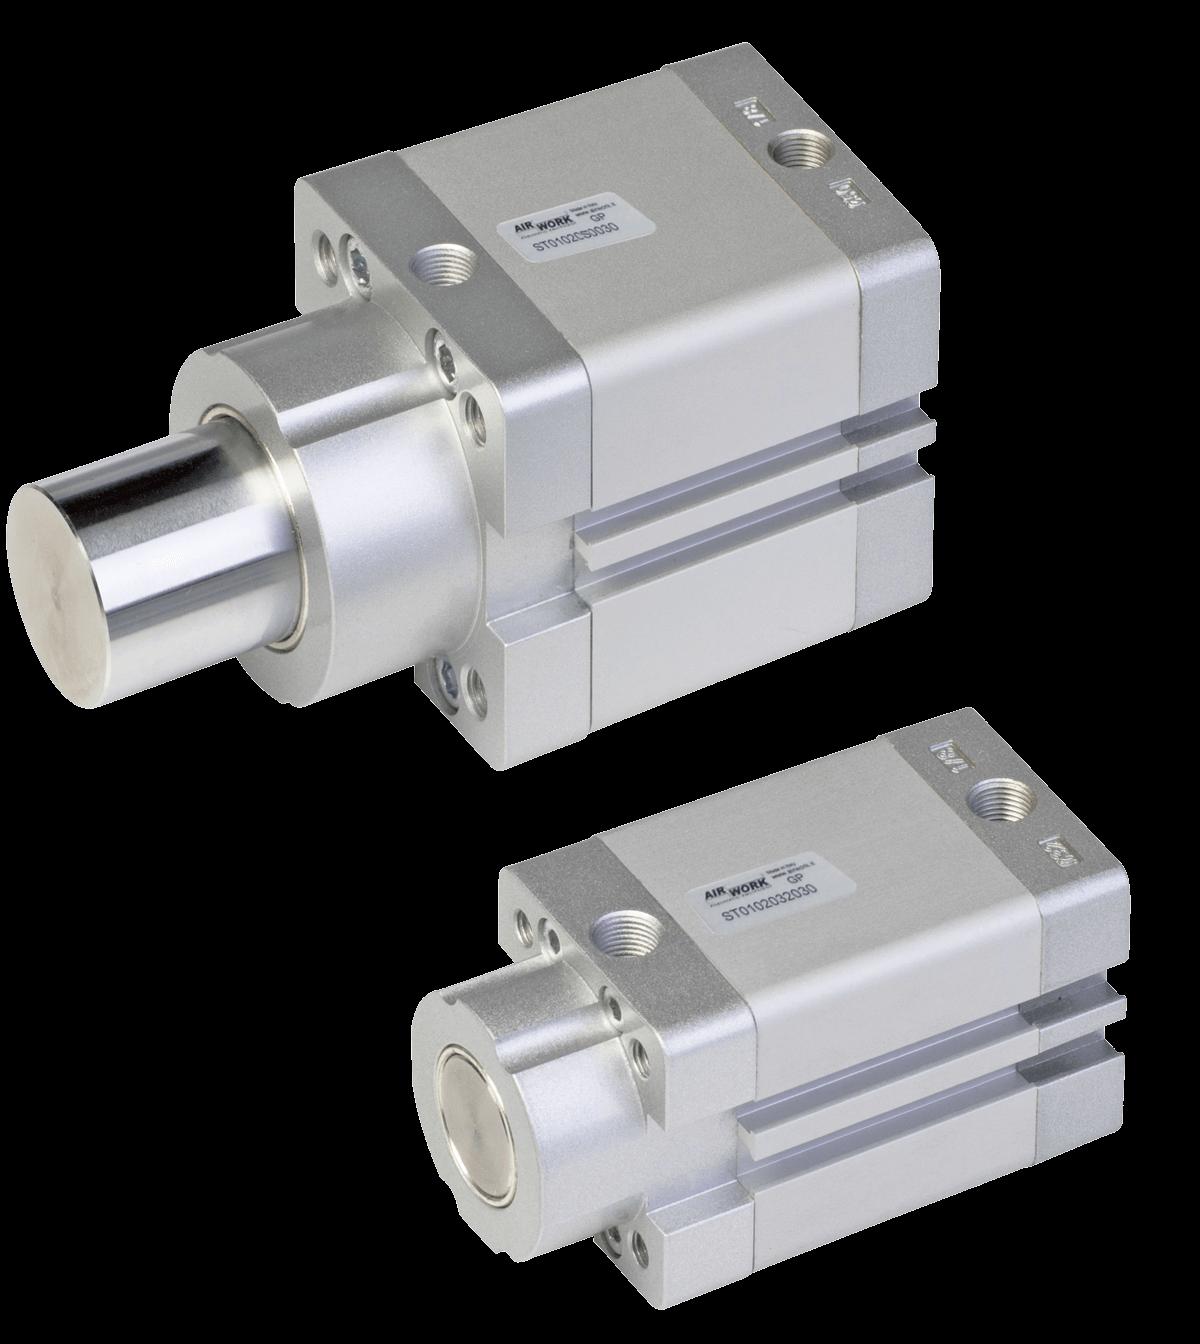 cilindro pneumatico stopper